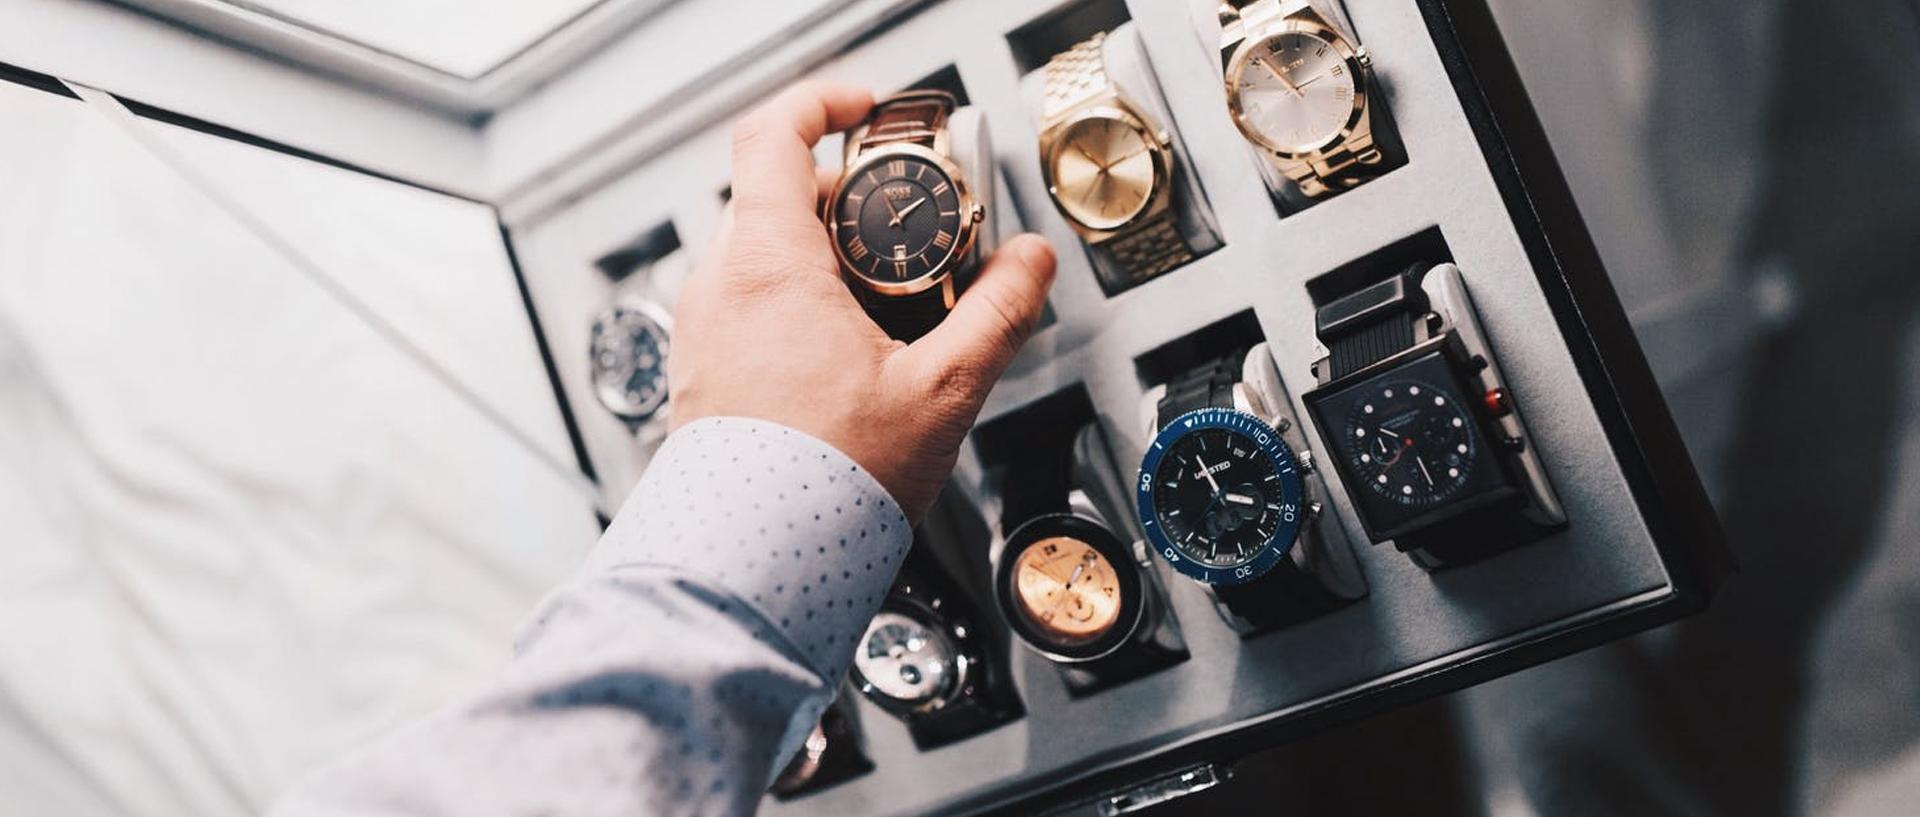 Gioielli, orologi, penne ed accessori